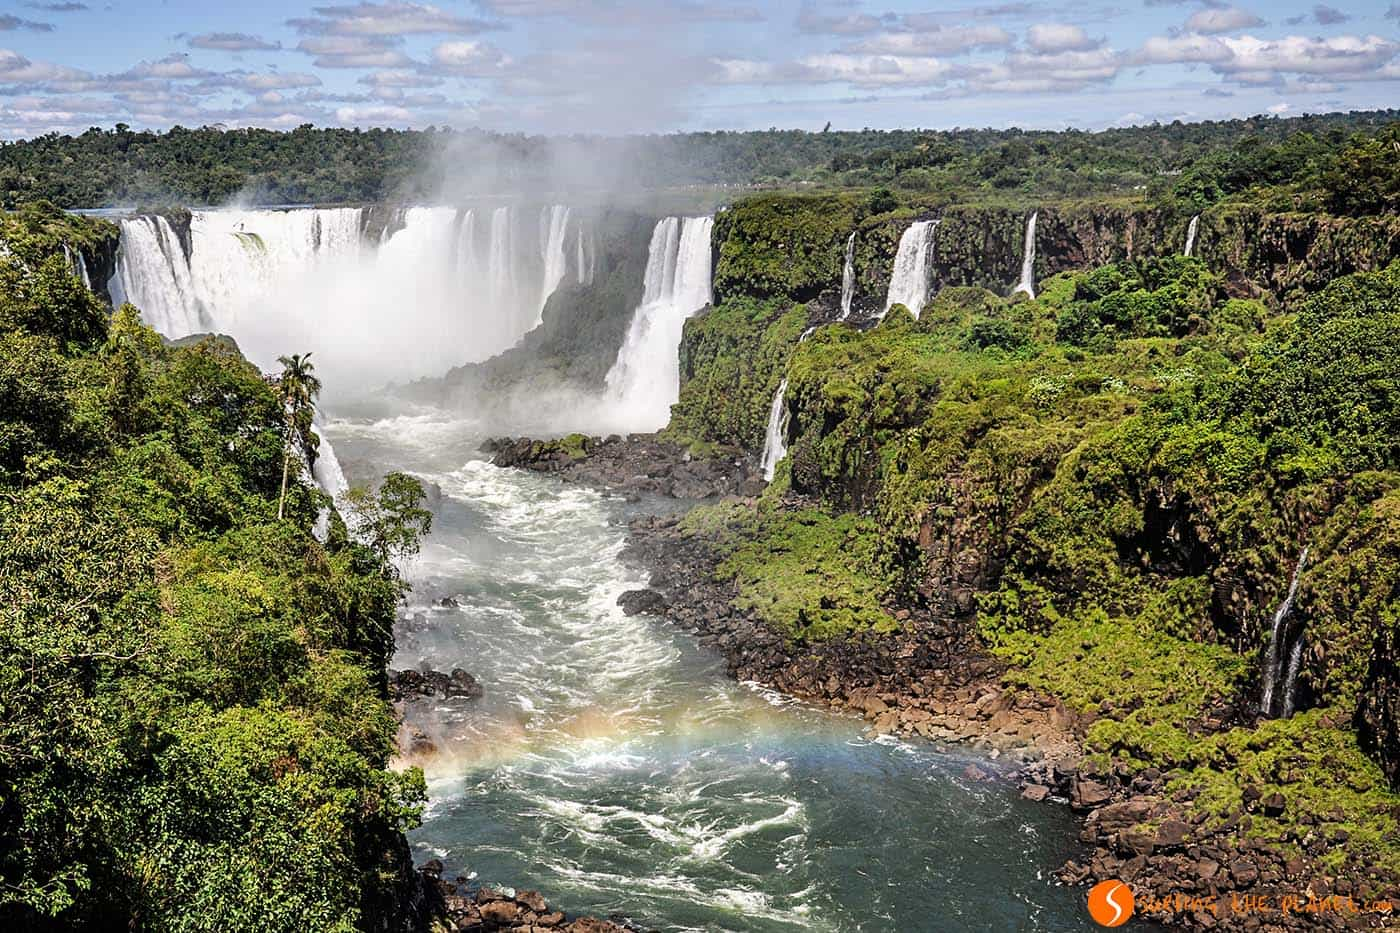 Garganta del Diablo desde Brazil - Qué hacer en las Cataratas del Iguazú